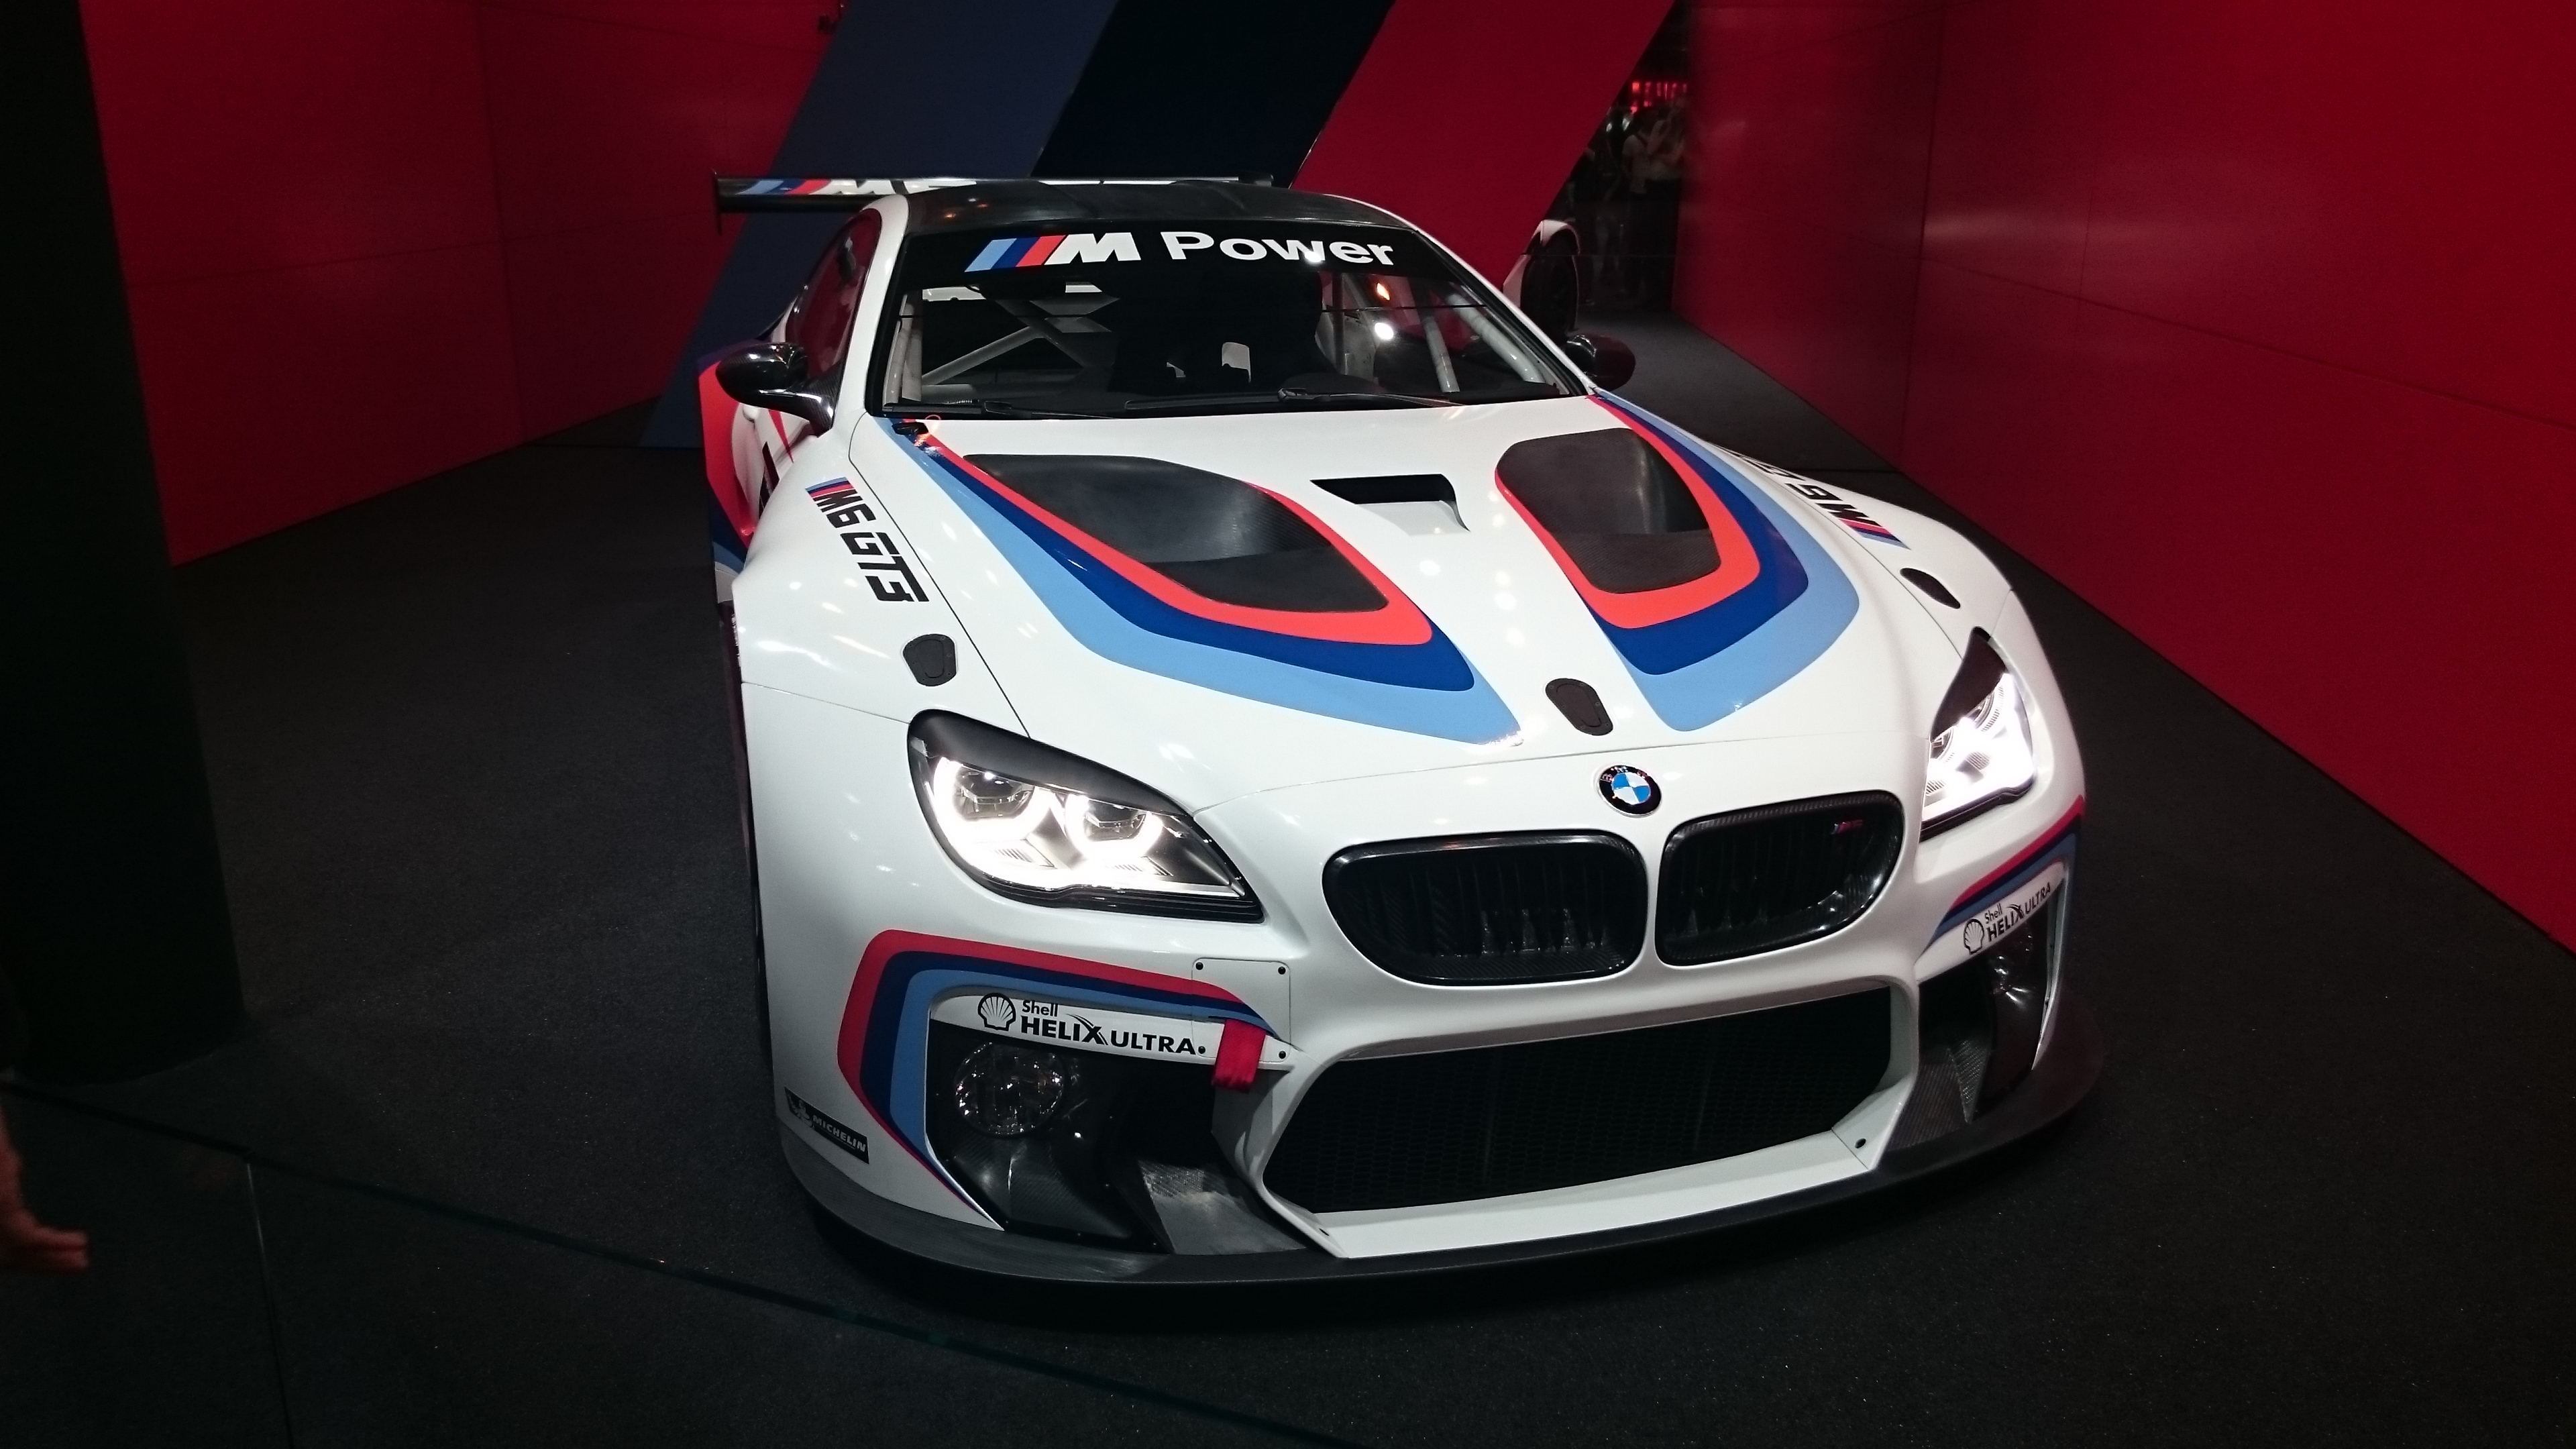 Fotos normales del BMW M6 GT3 #VidePan en #IAA2015